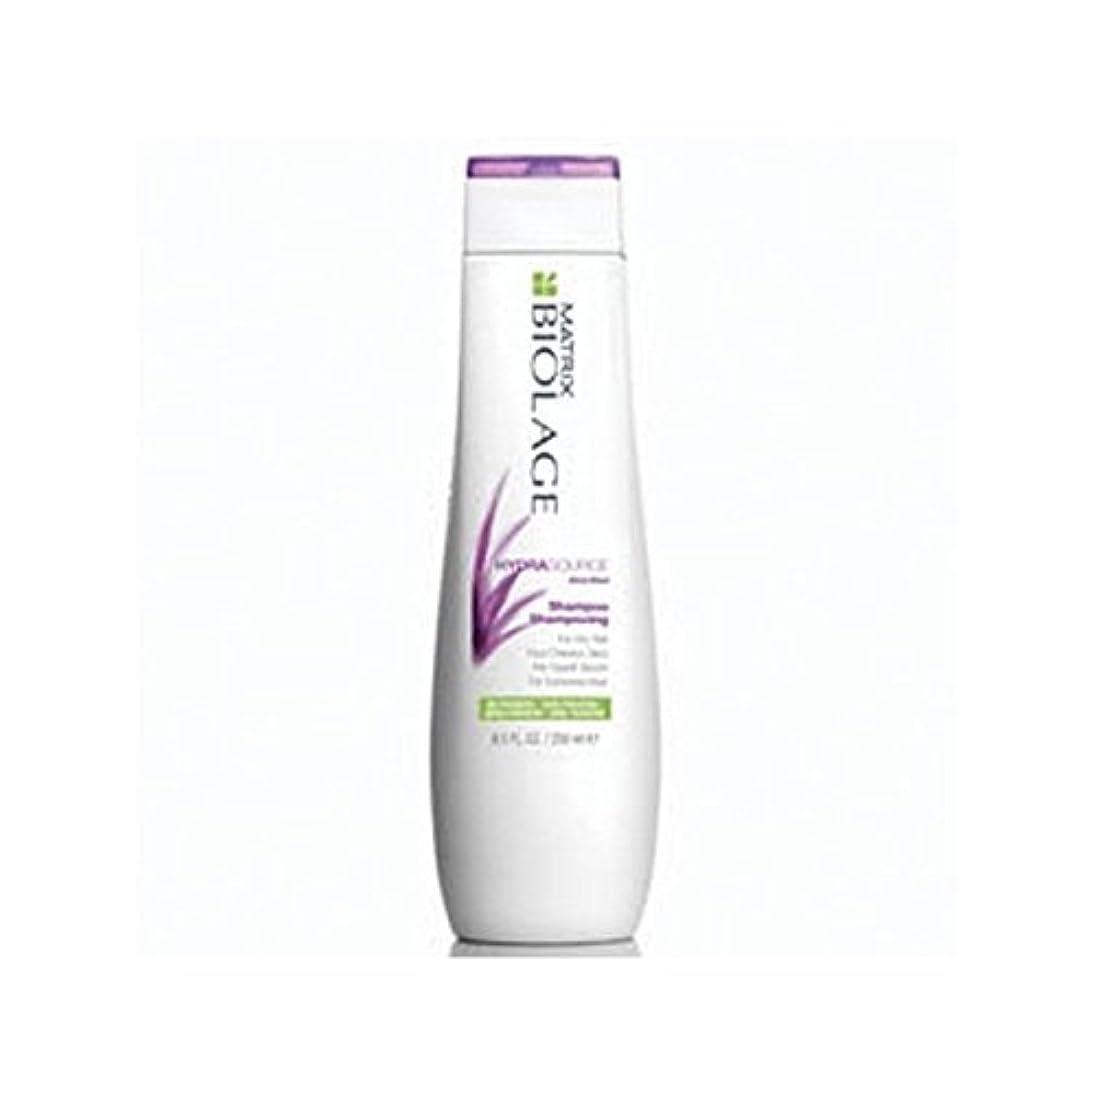 意気消沈した無意味撤退Matrix Biolage Hydrasource Shampoo (250ml) - マトリックスバイオレイジのシャンプー(250ミリリットル) [並行輸入品]